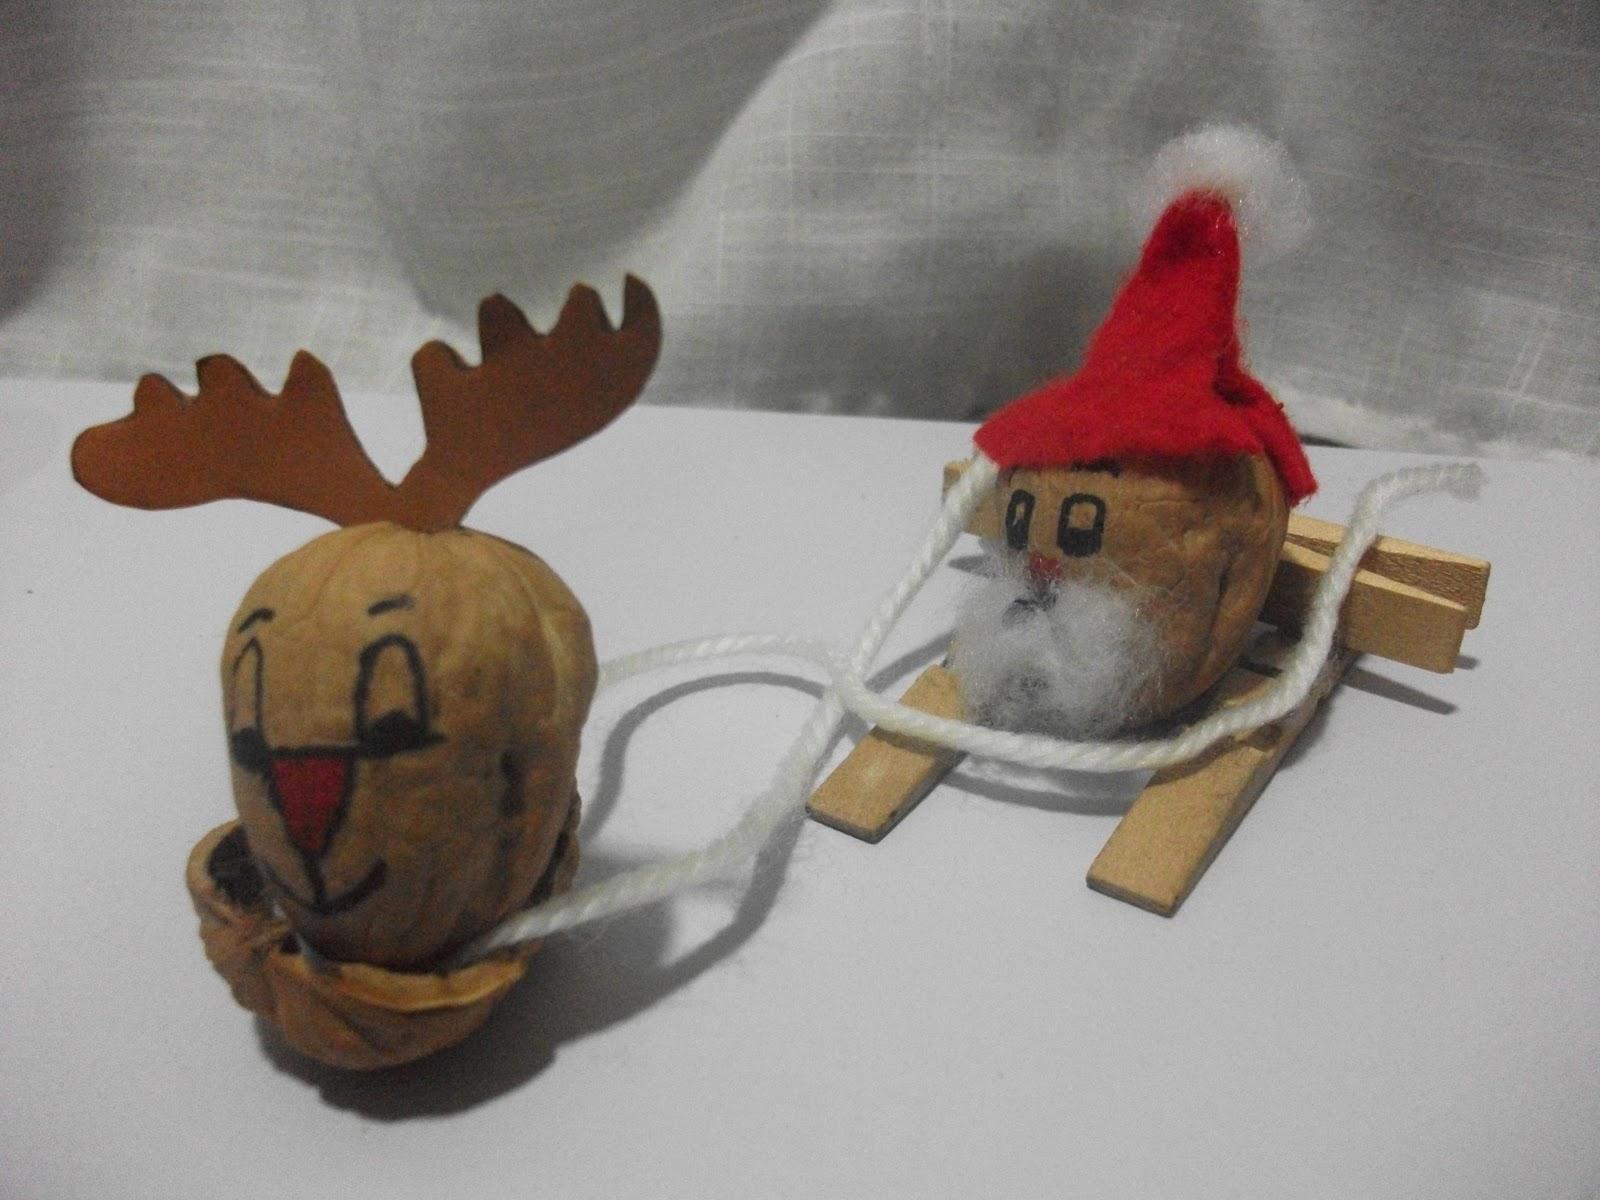 El blog de lorenna decora la mesa de navidad con animalitos - Cascara nueces para decorar ...